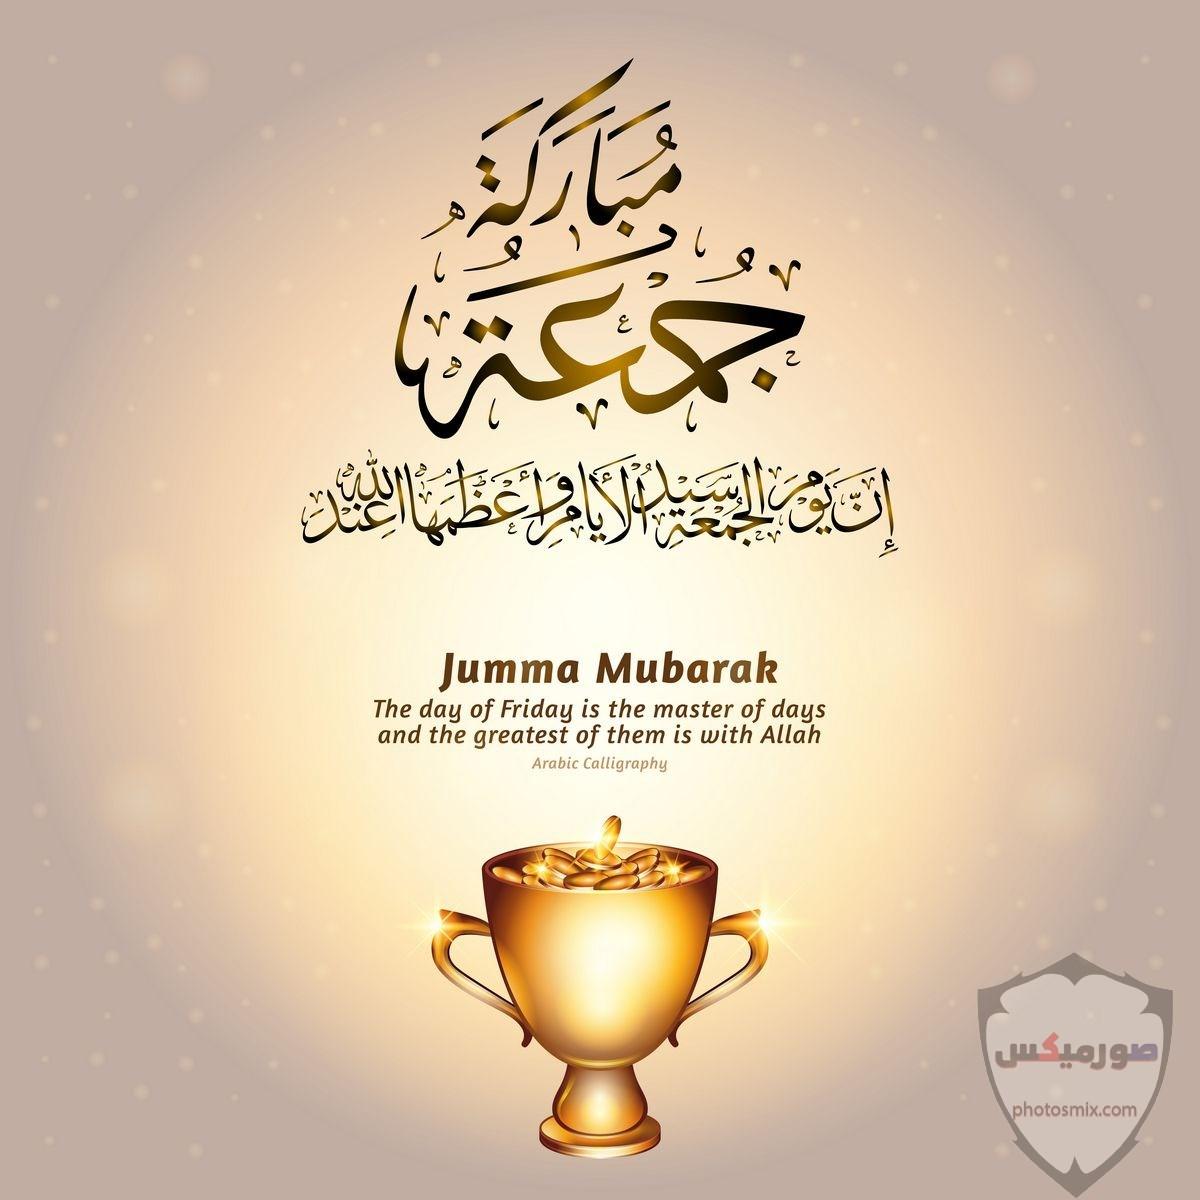 جمعة مباركة صور جمعة مباركه 2020 ادعية يوم الجمعه مصورة مكتوب عليها جمعة مباركة 50